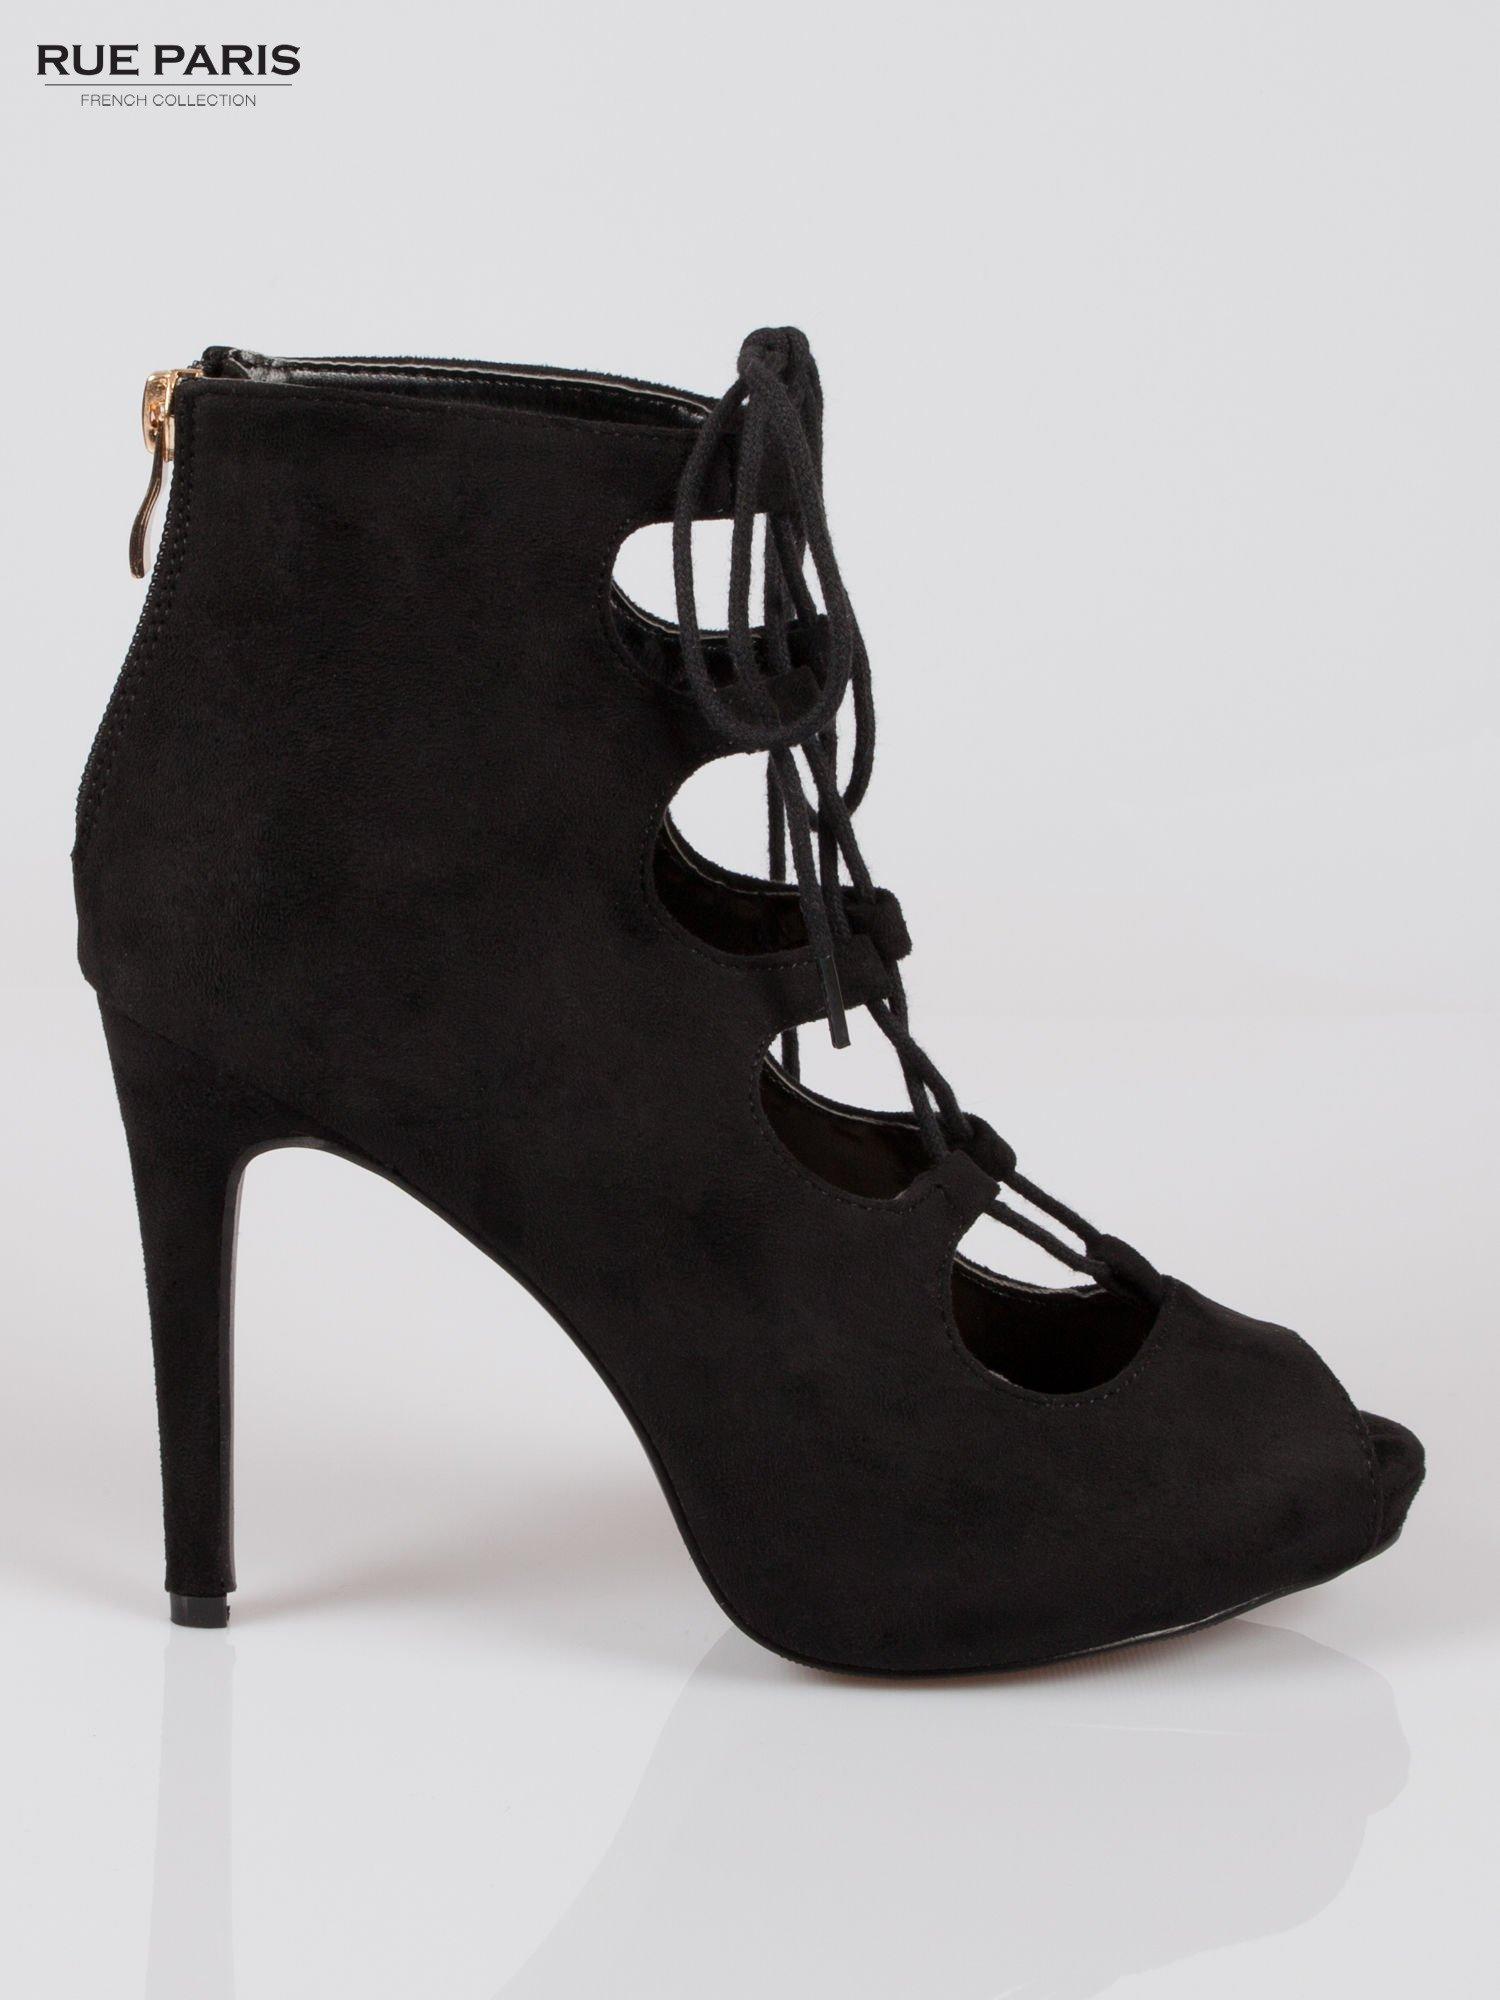 Czarne sznurowane botki lace up open toe z zamkiem                                  zdj.                                  1